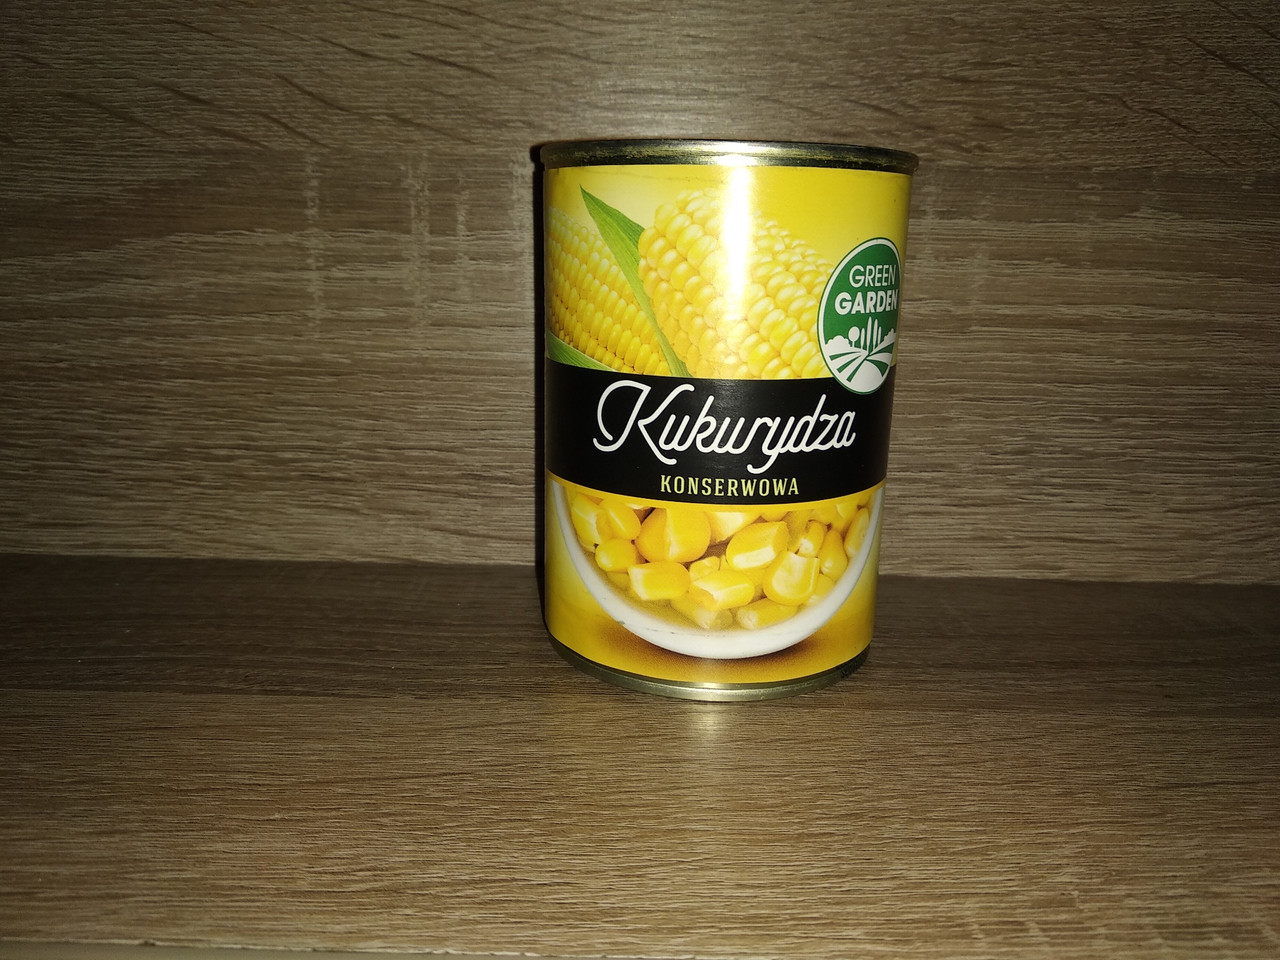 Консервована кукурудза Nasza Spizarnia 340 гр.